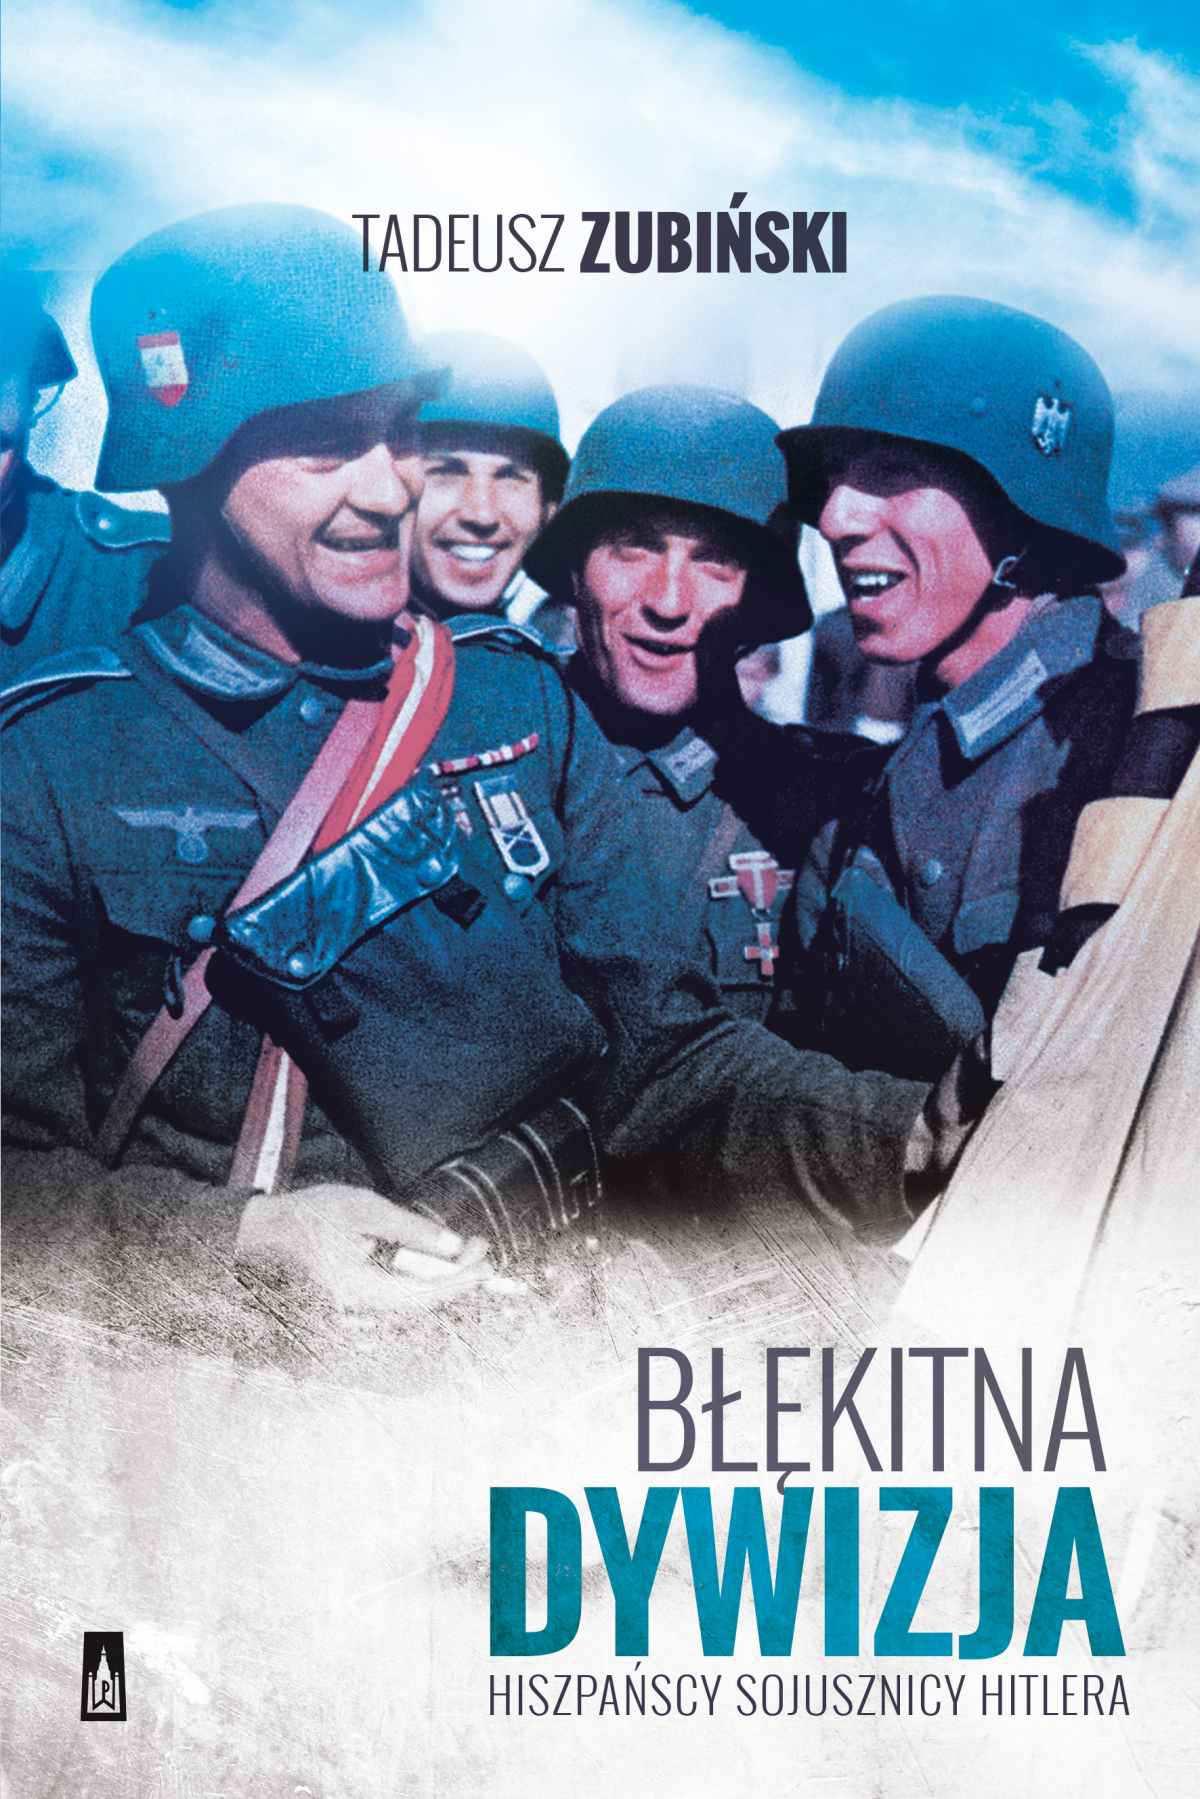 Błękitna Dywizja. Hiszpańscy sojusznicy Hitlera - Ebook (Książka EPUB) do pobrania w formacie EPUB